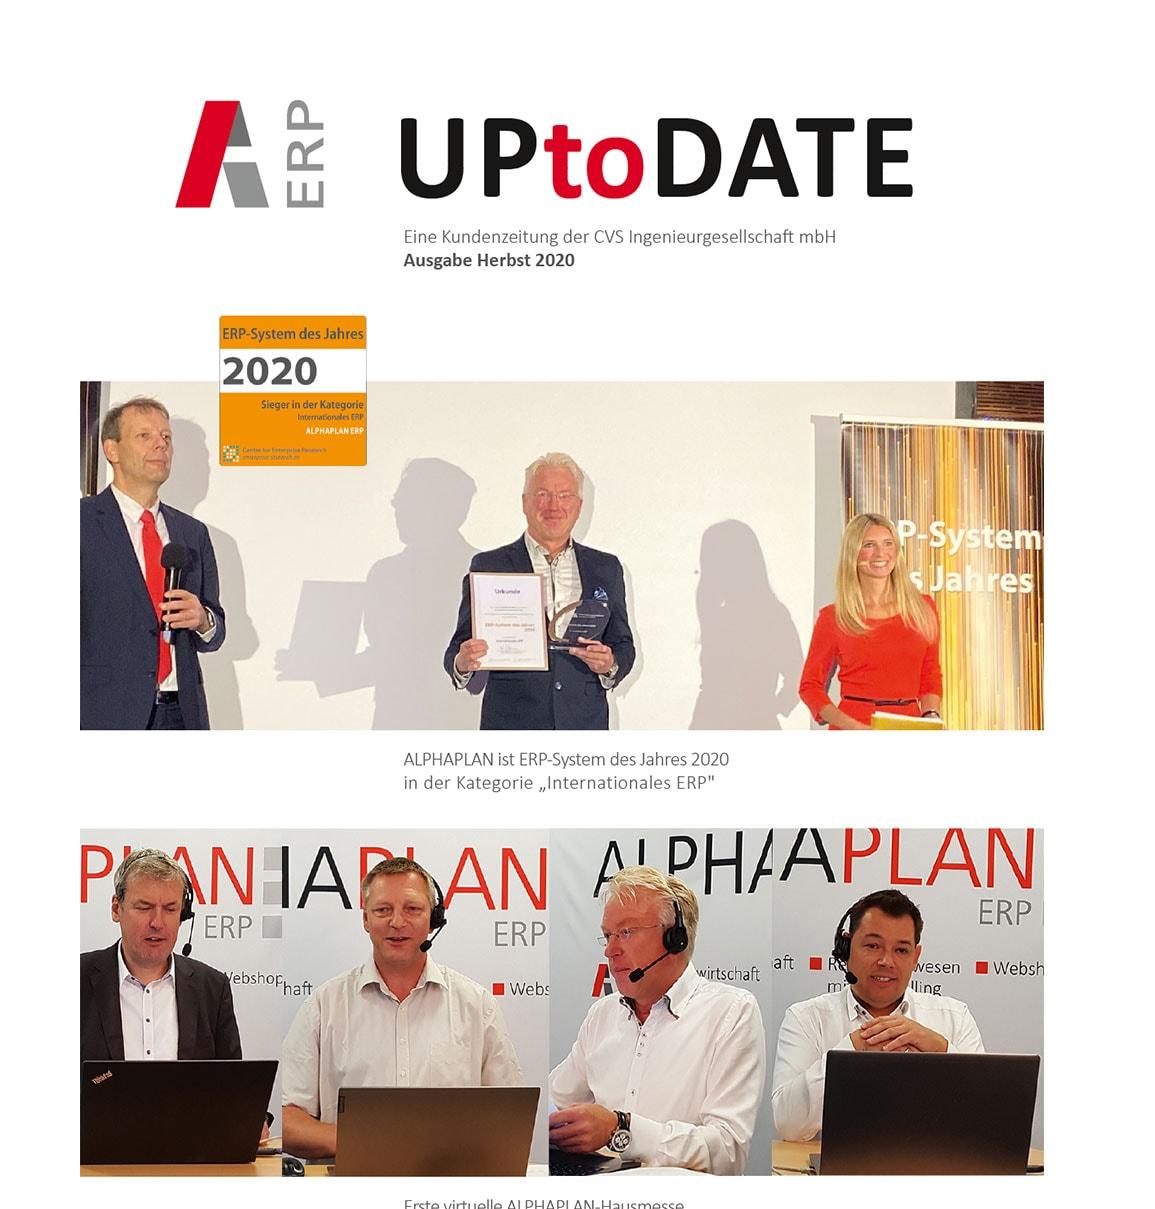 ALPHAPLAN ERP UptoDate Kundenmagazin zur Digitalisierung